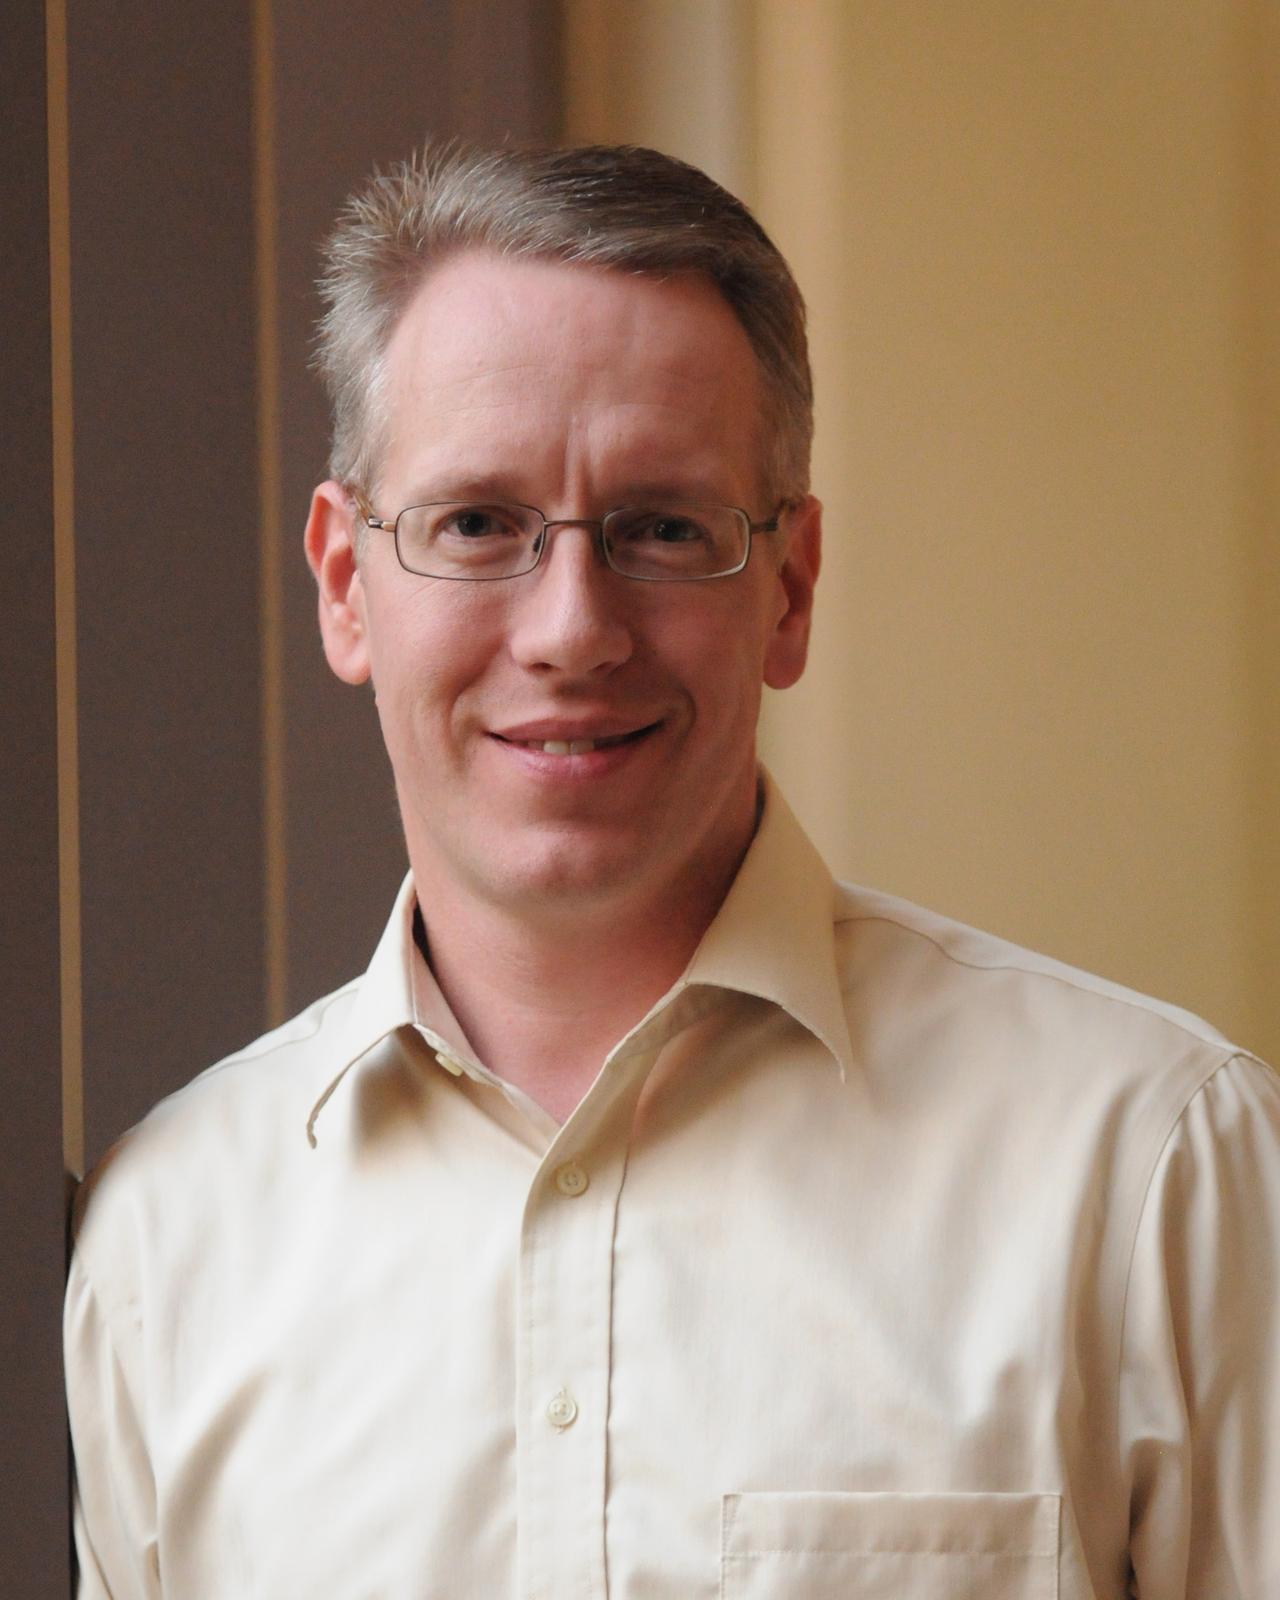 Scott Wertel, P.E., Kaeko Inc.